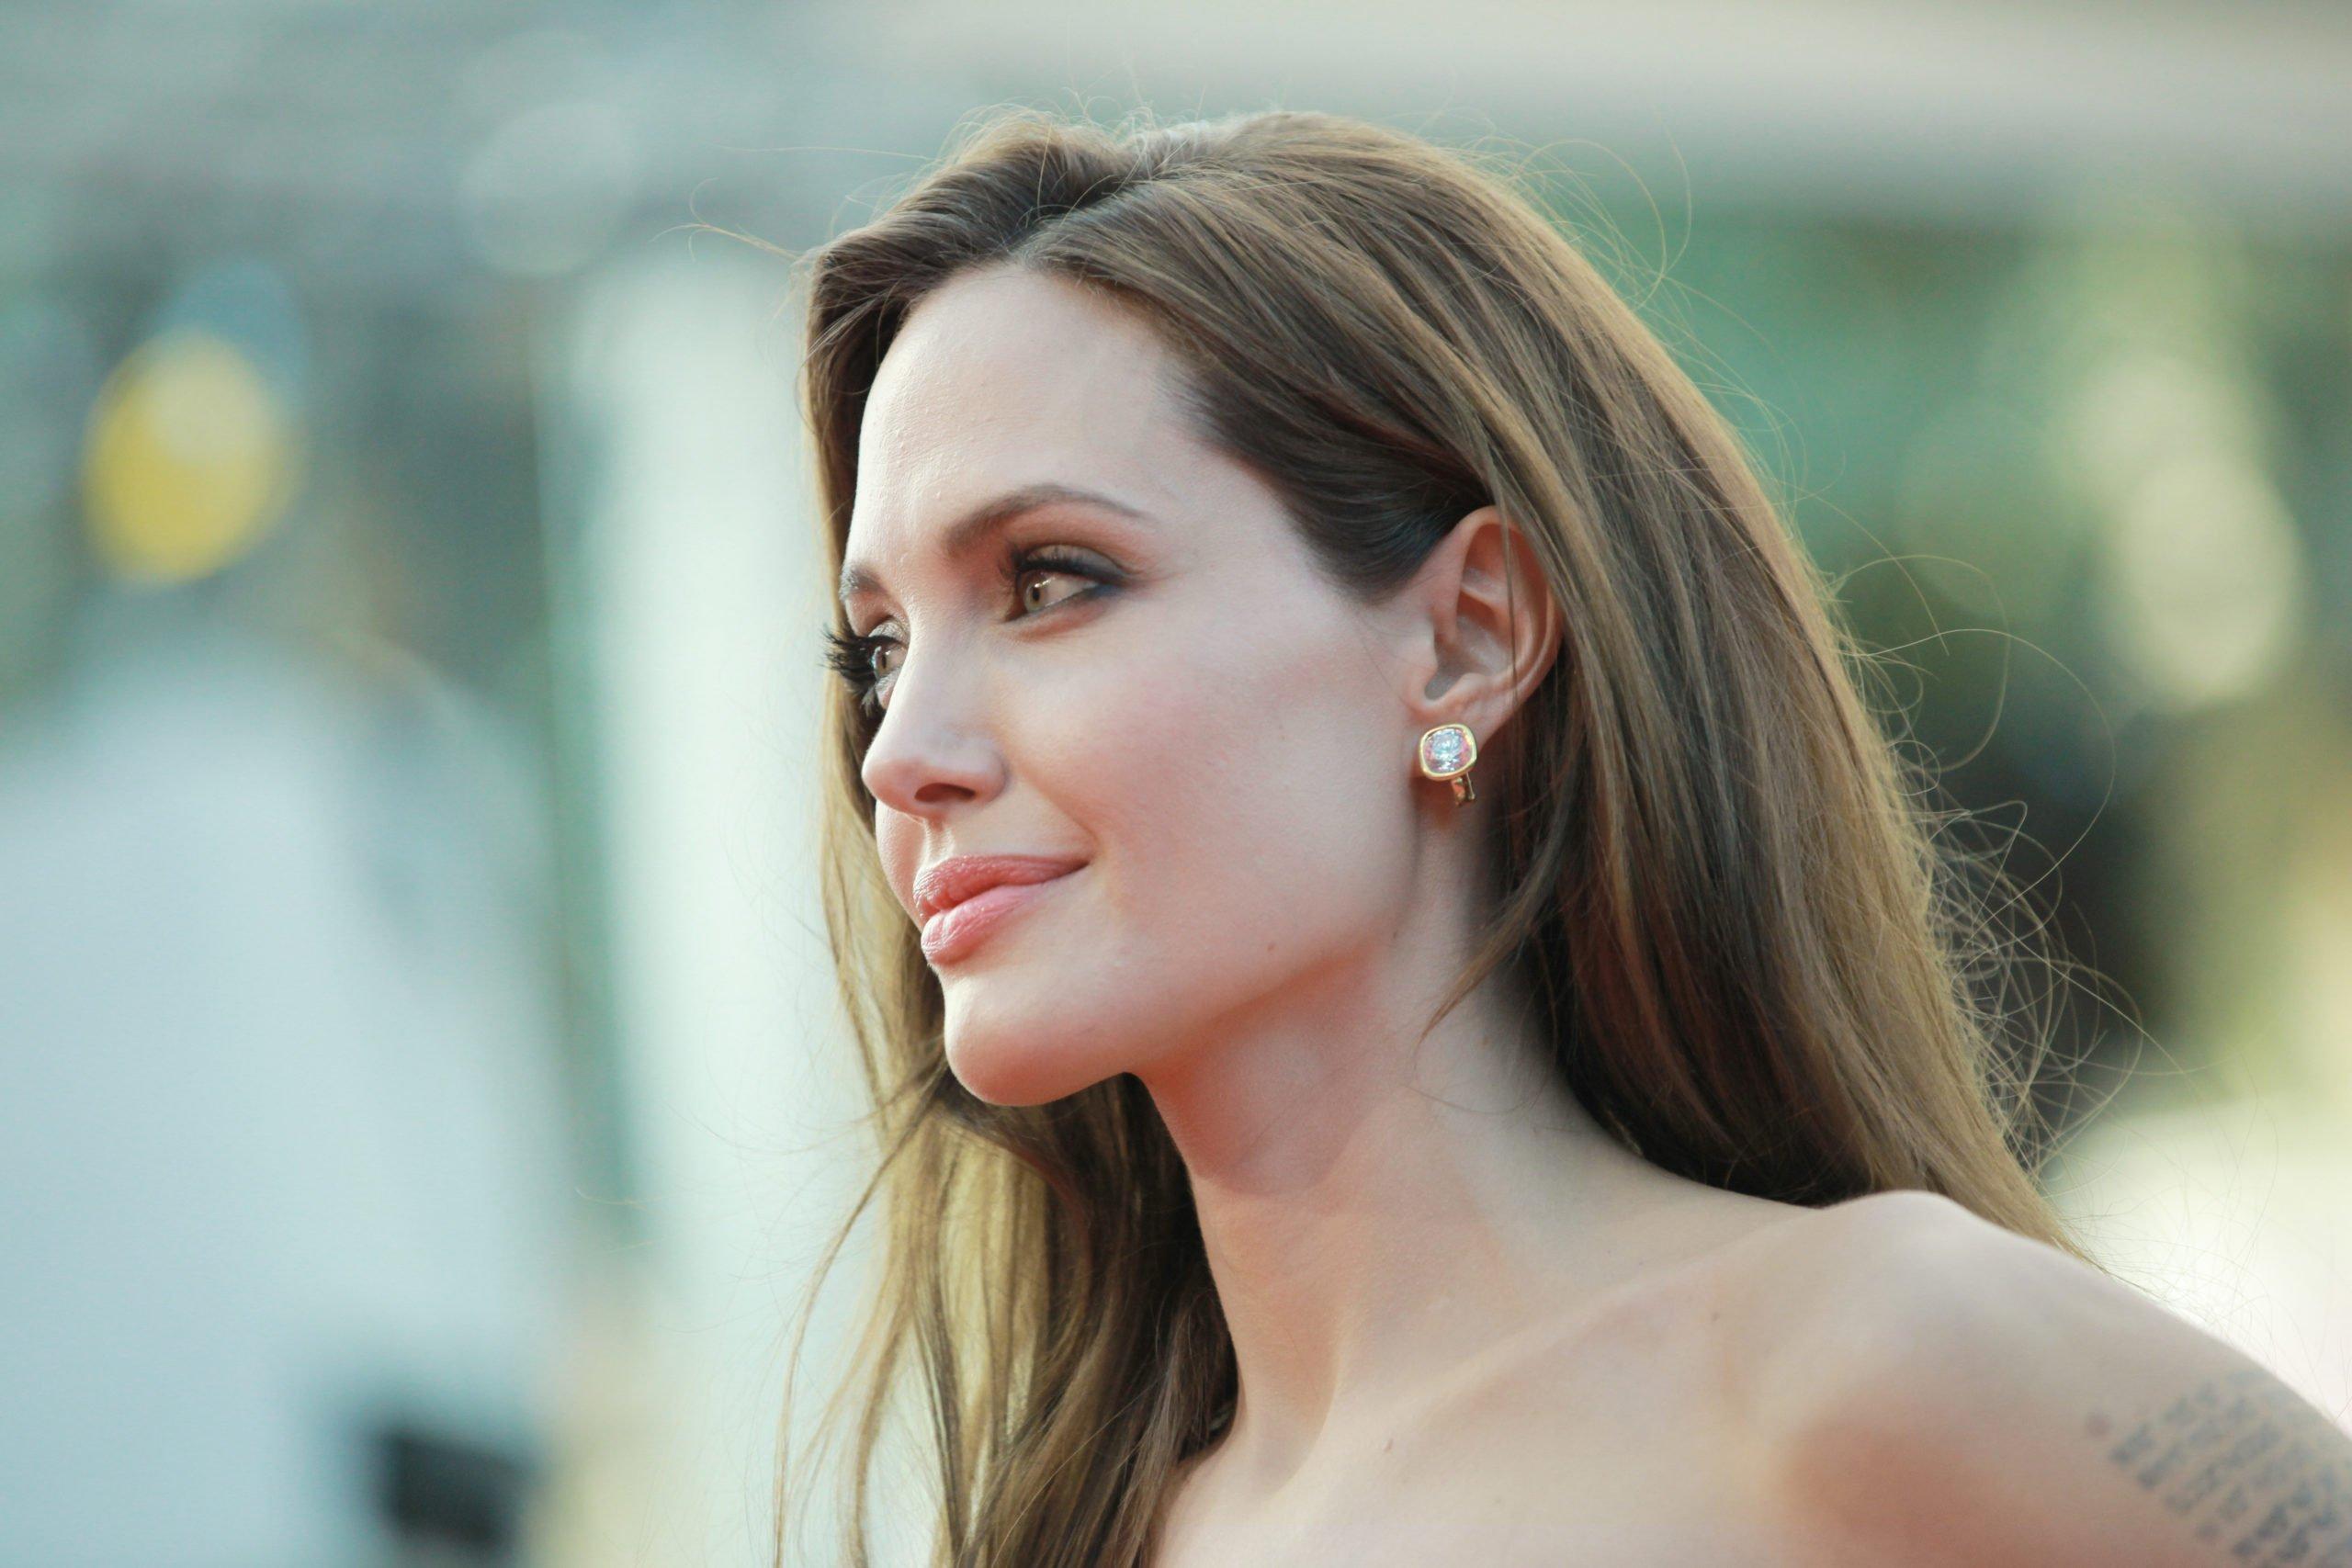 Angelina Jolie gene testing for all?